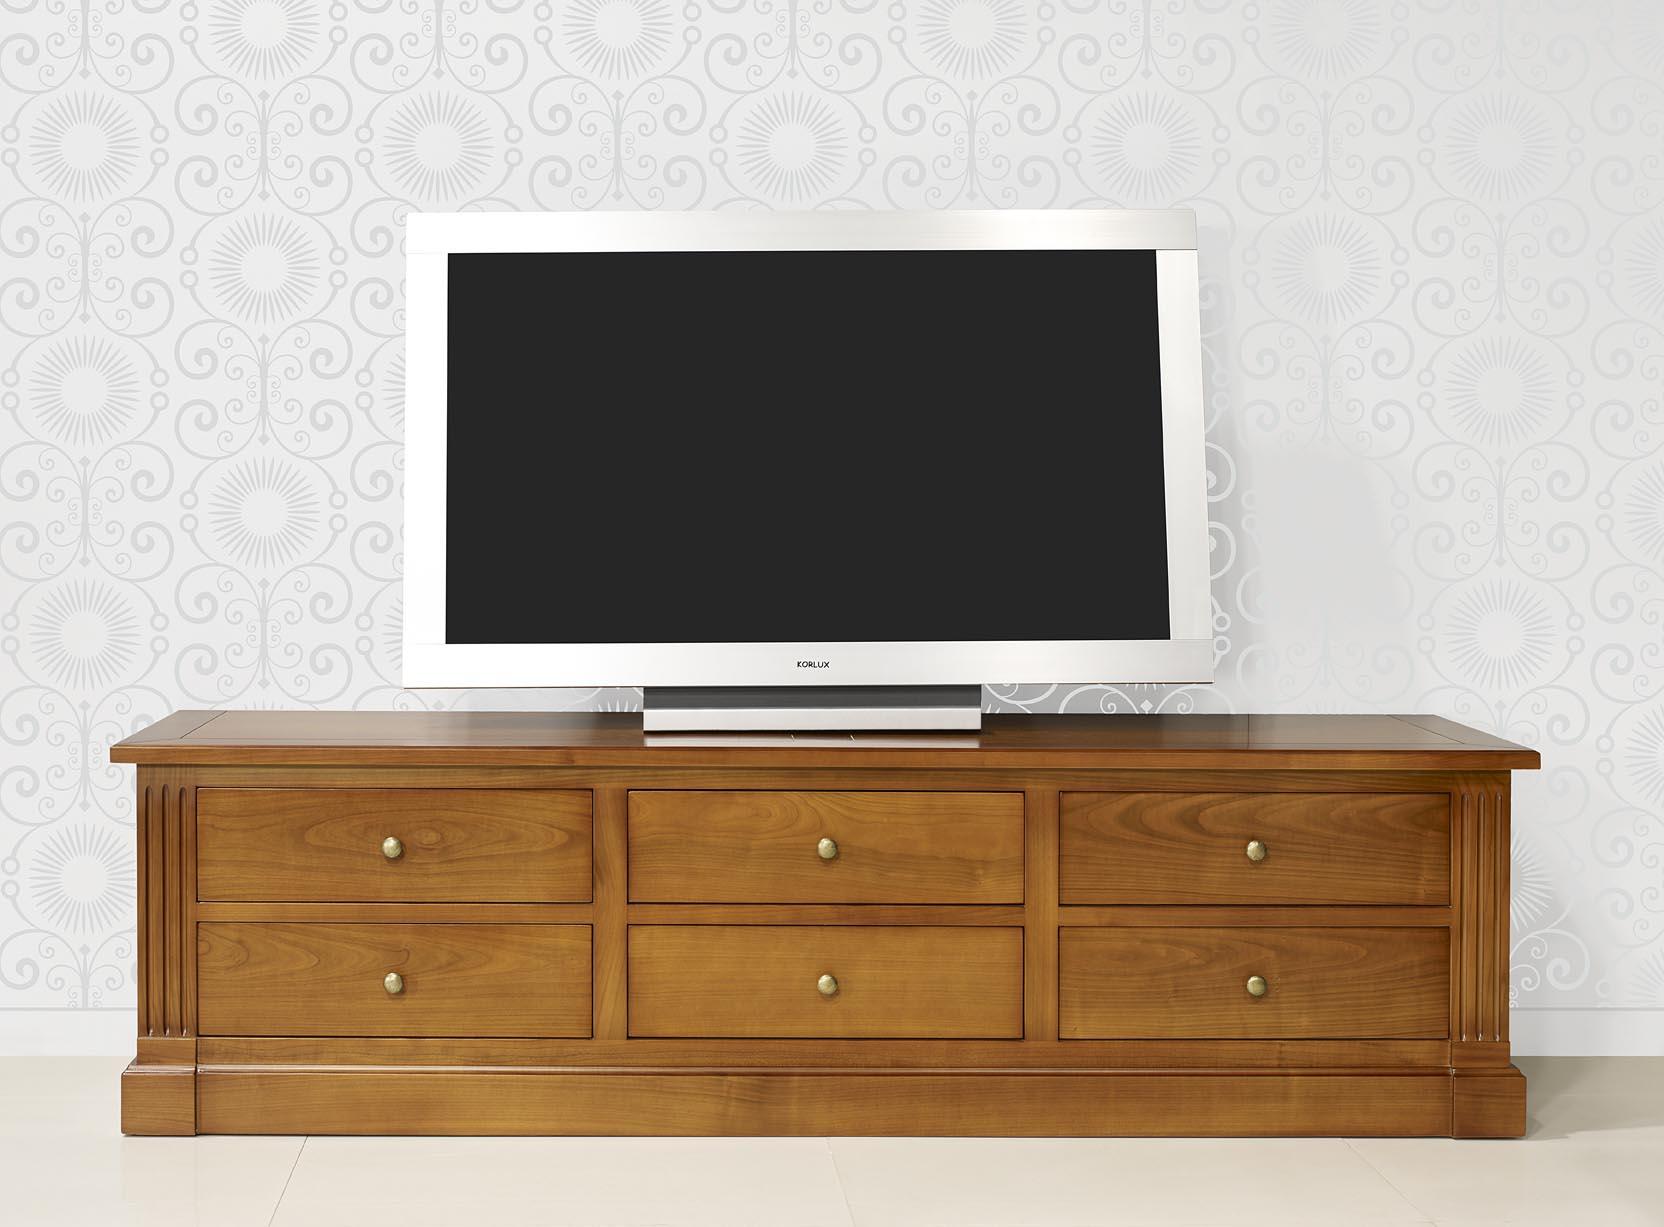 Mueble De Tv 16 9 Luciano Hecha En Cerezo Macizo Estilo Directorio  # Muebles Luciano